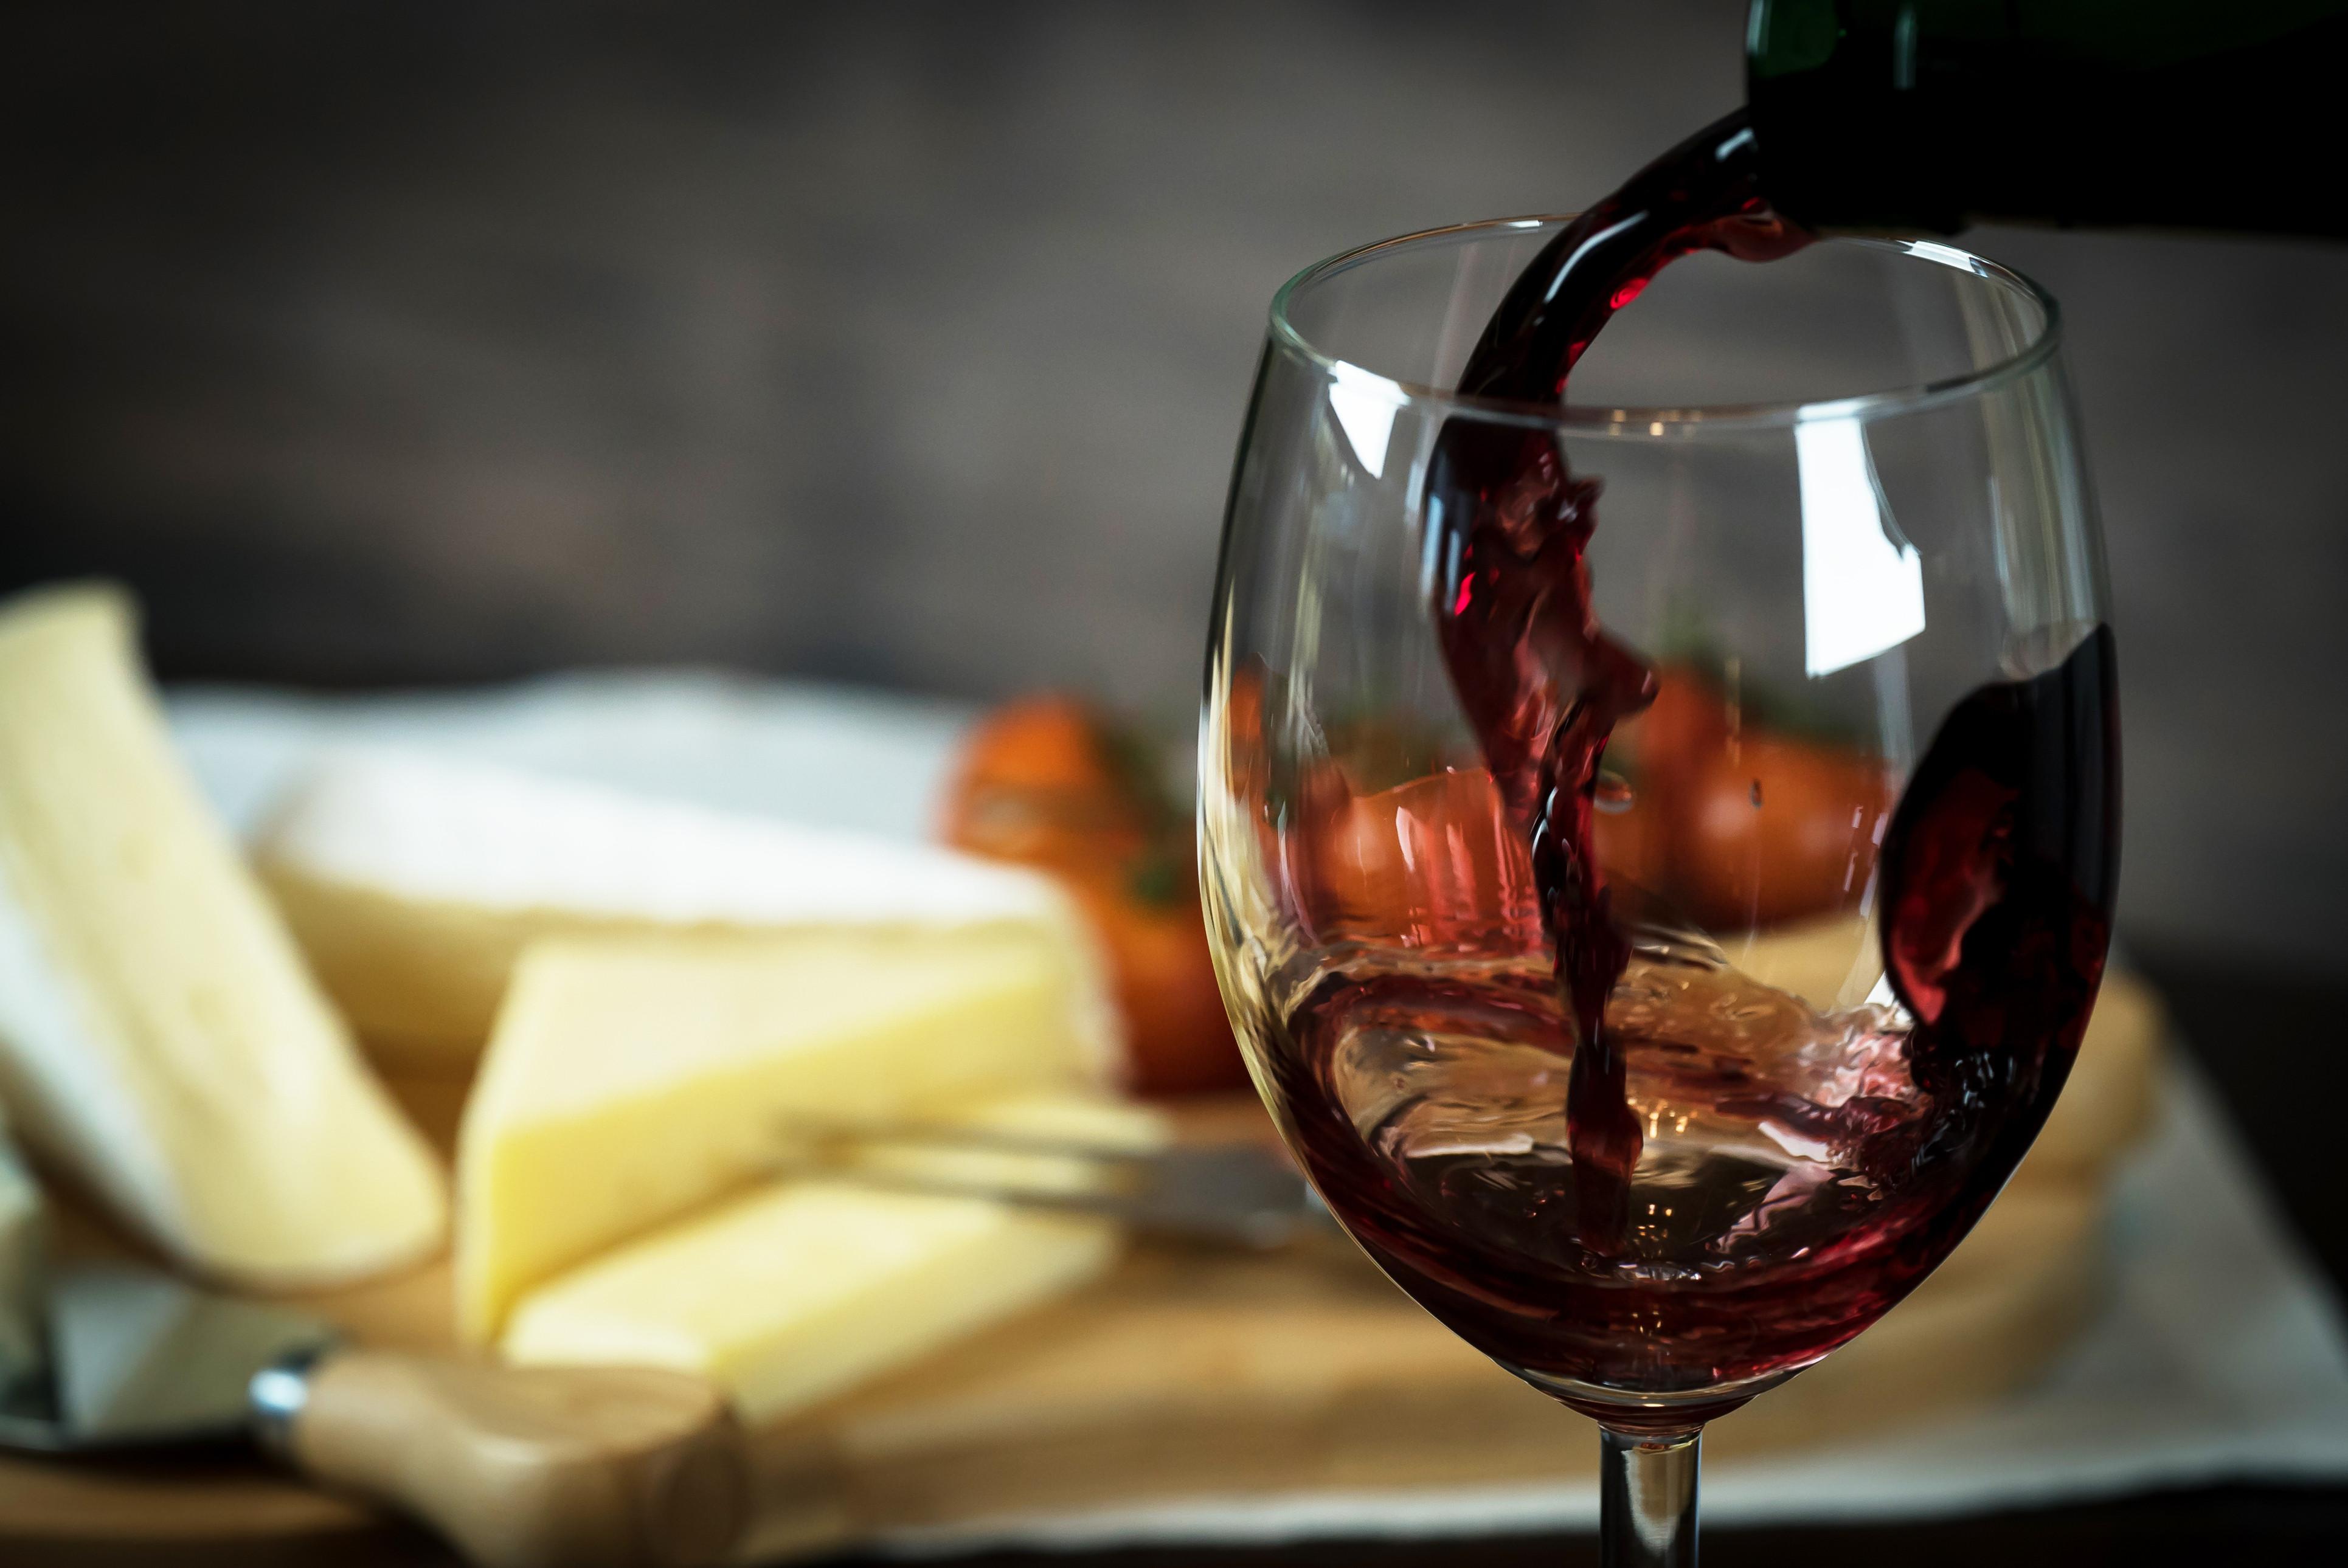 O segredo para uma Páscoa tradicional está no vinho